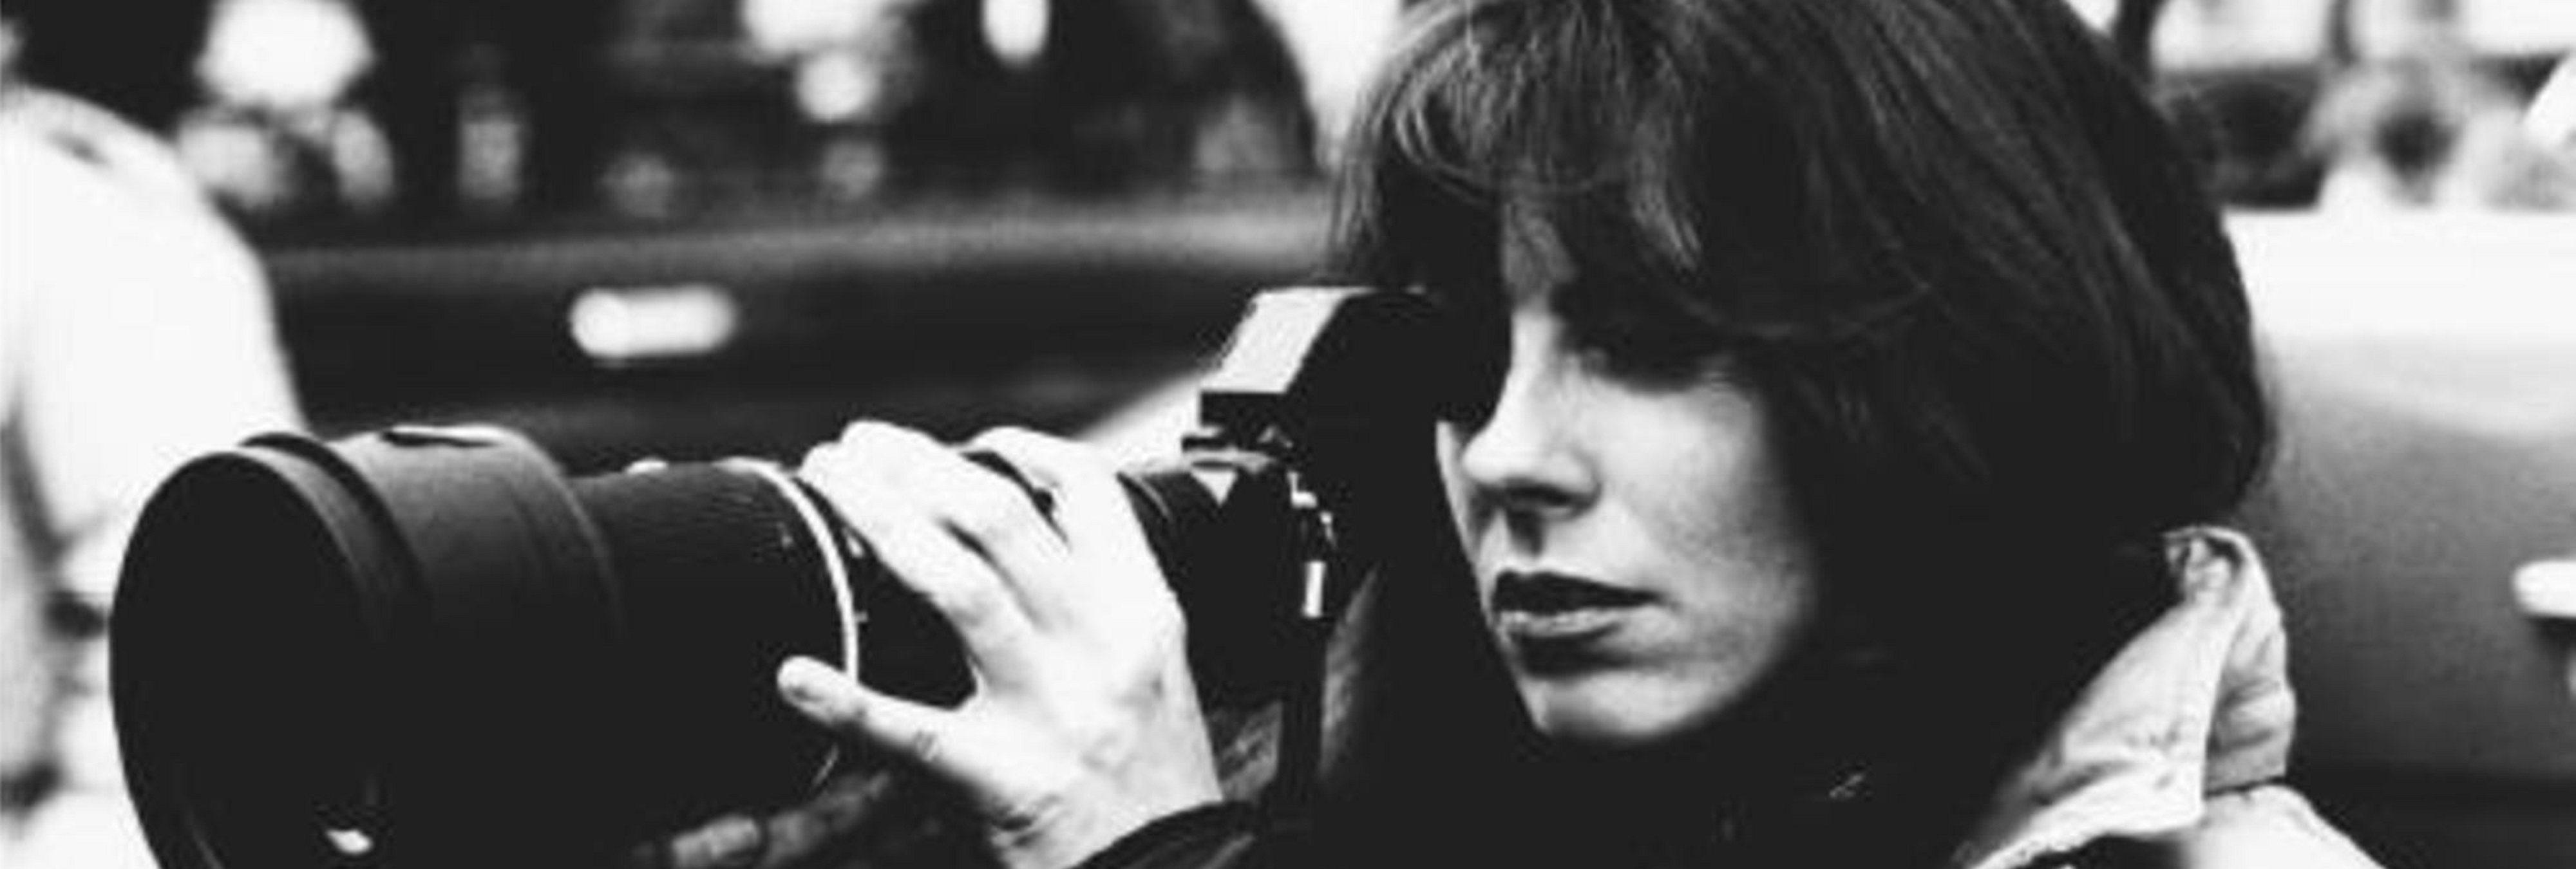 Talento femenino: 10 directoras de cine a tener en cuenta - Los ...